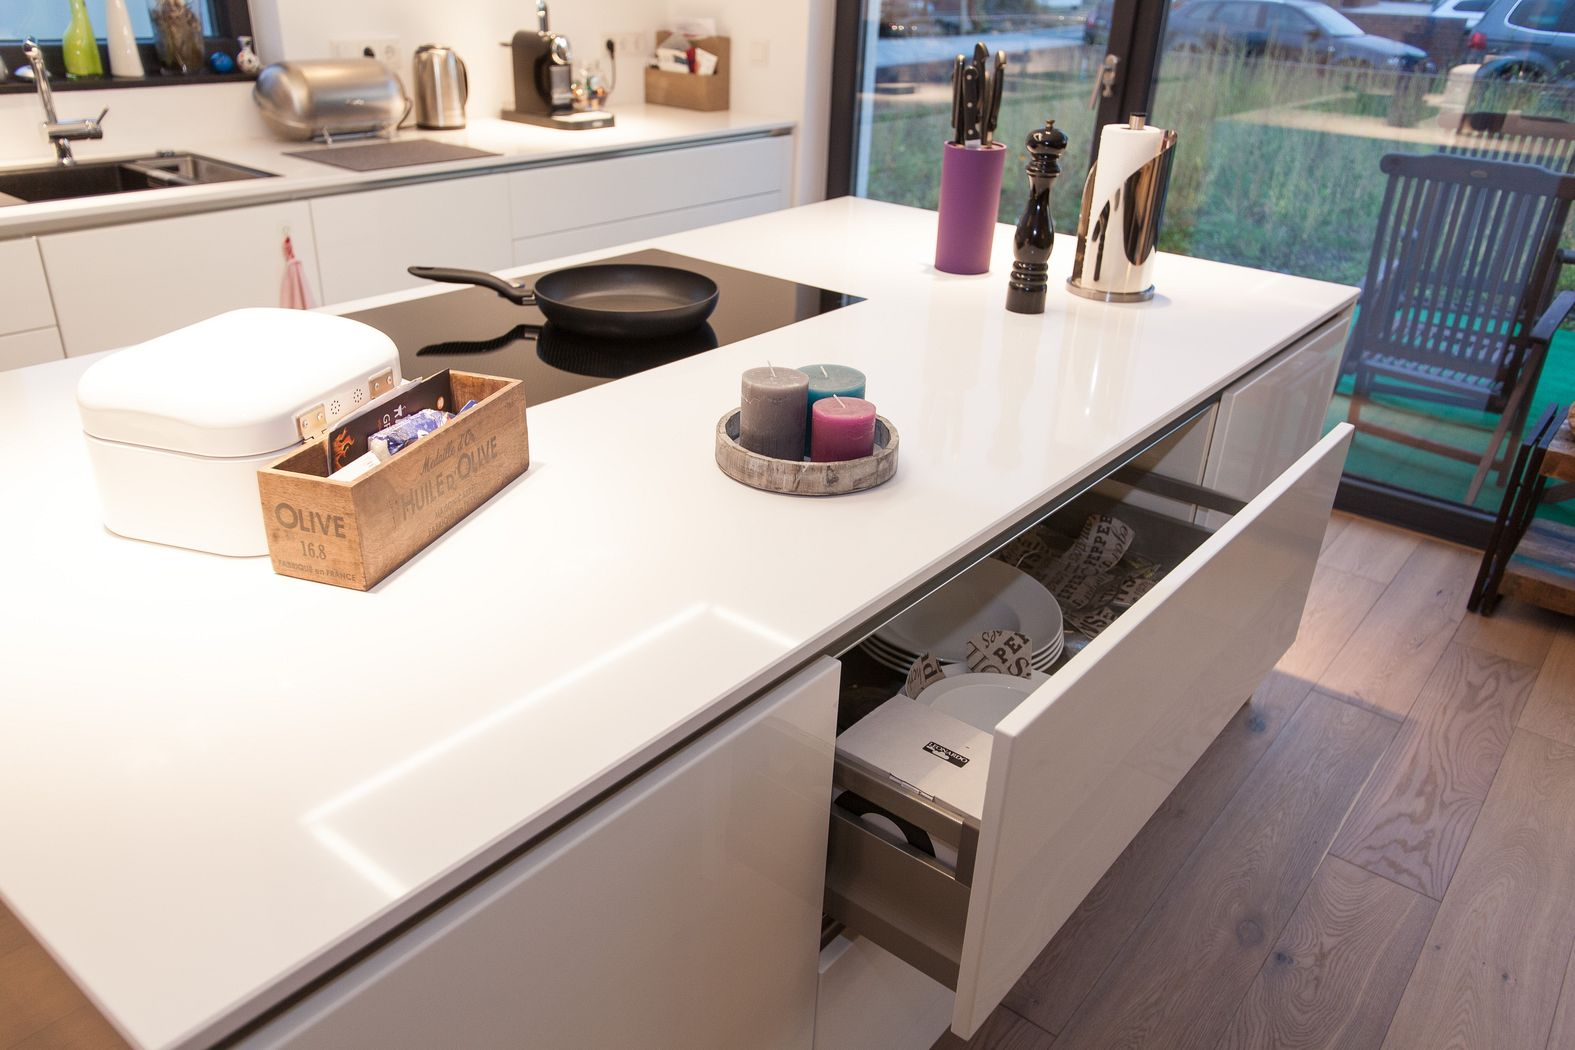 Küchenschränke einzeln kaufen günstig  Küchenmöbel kaufen ☆ Günstig bis exklusiv ☆ Küchenhaus Thiemann